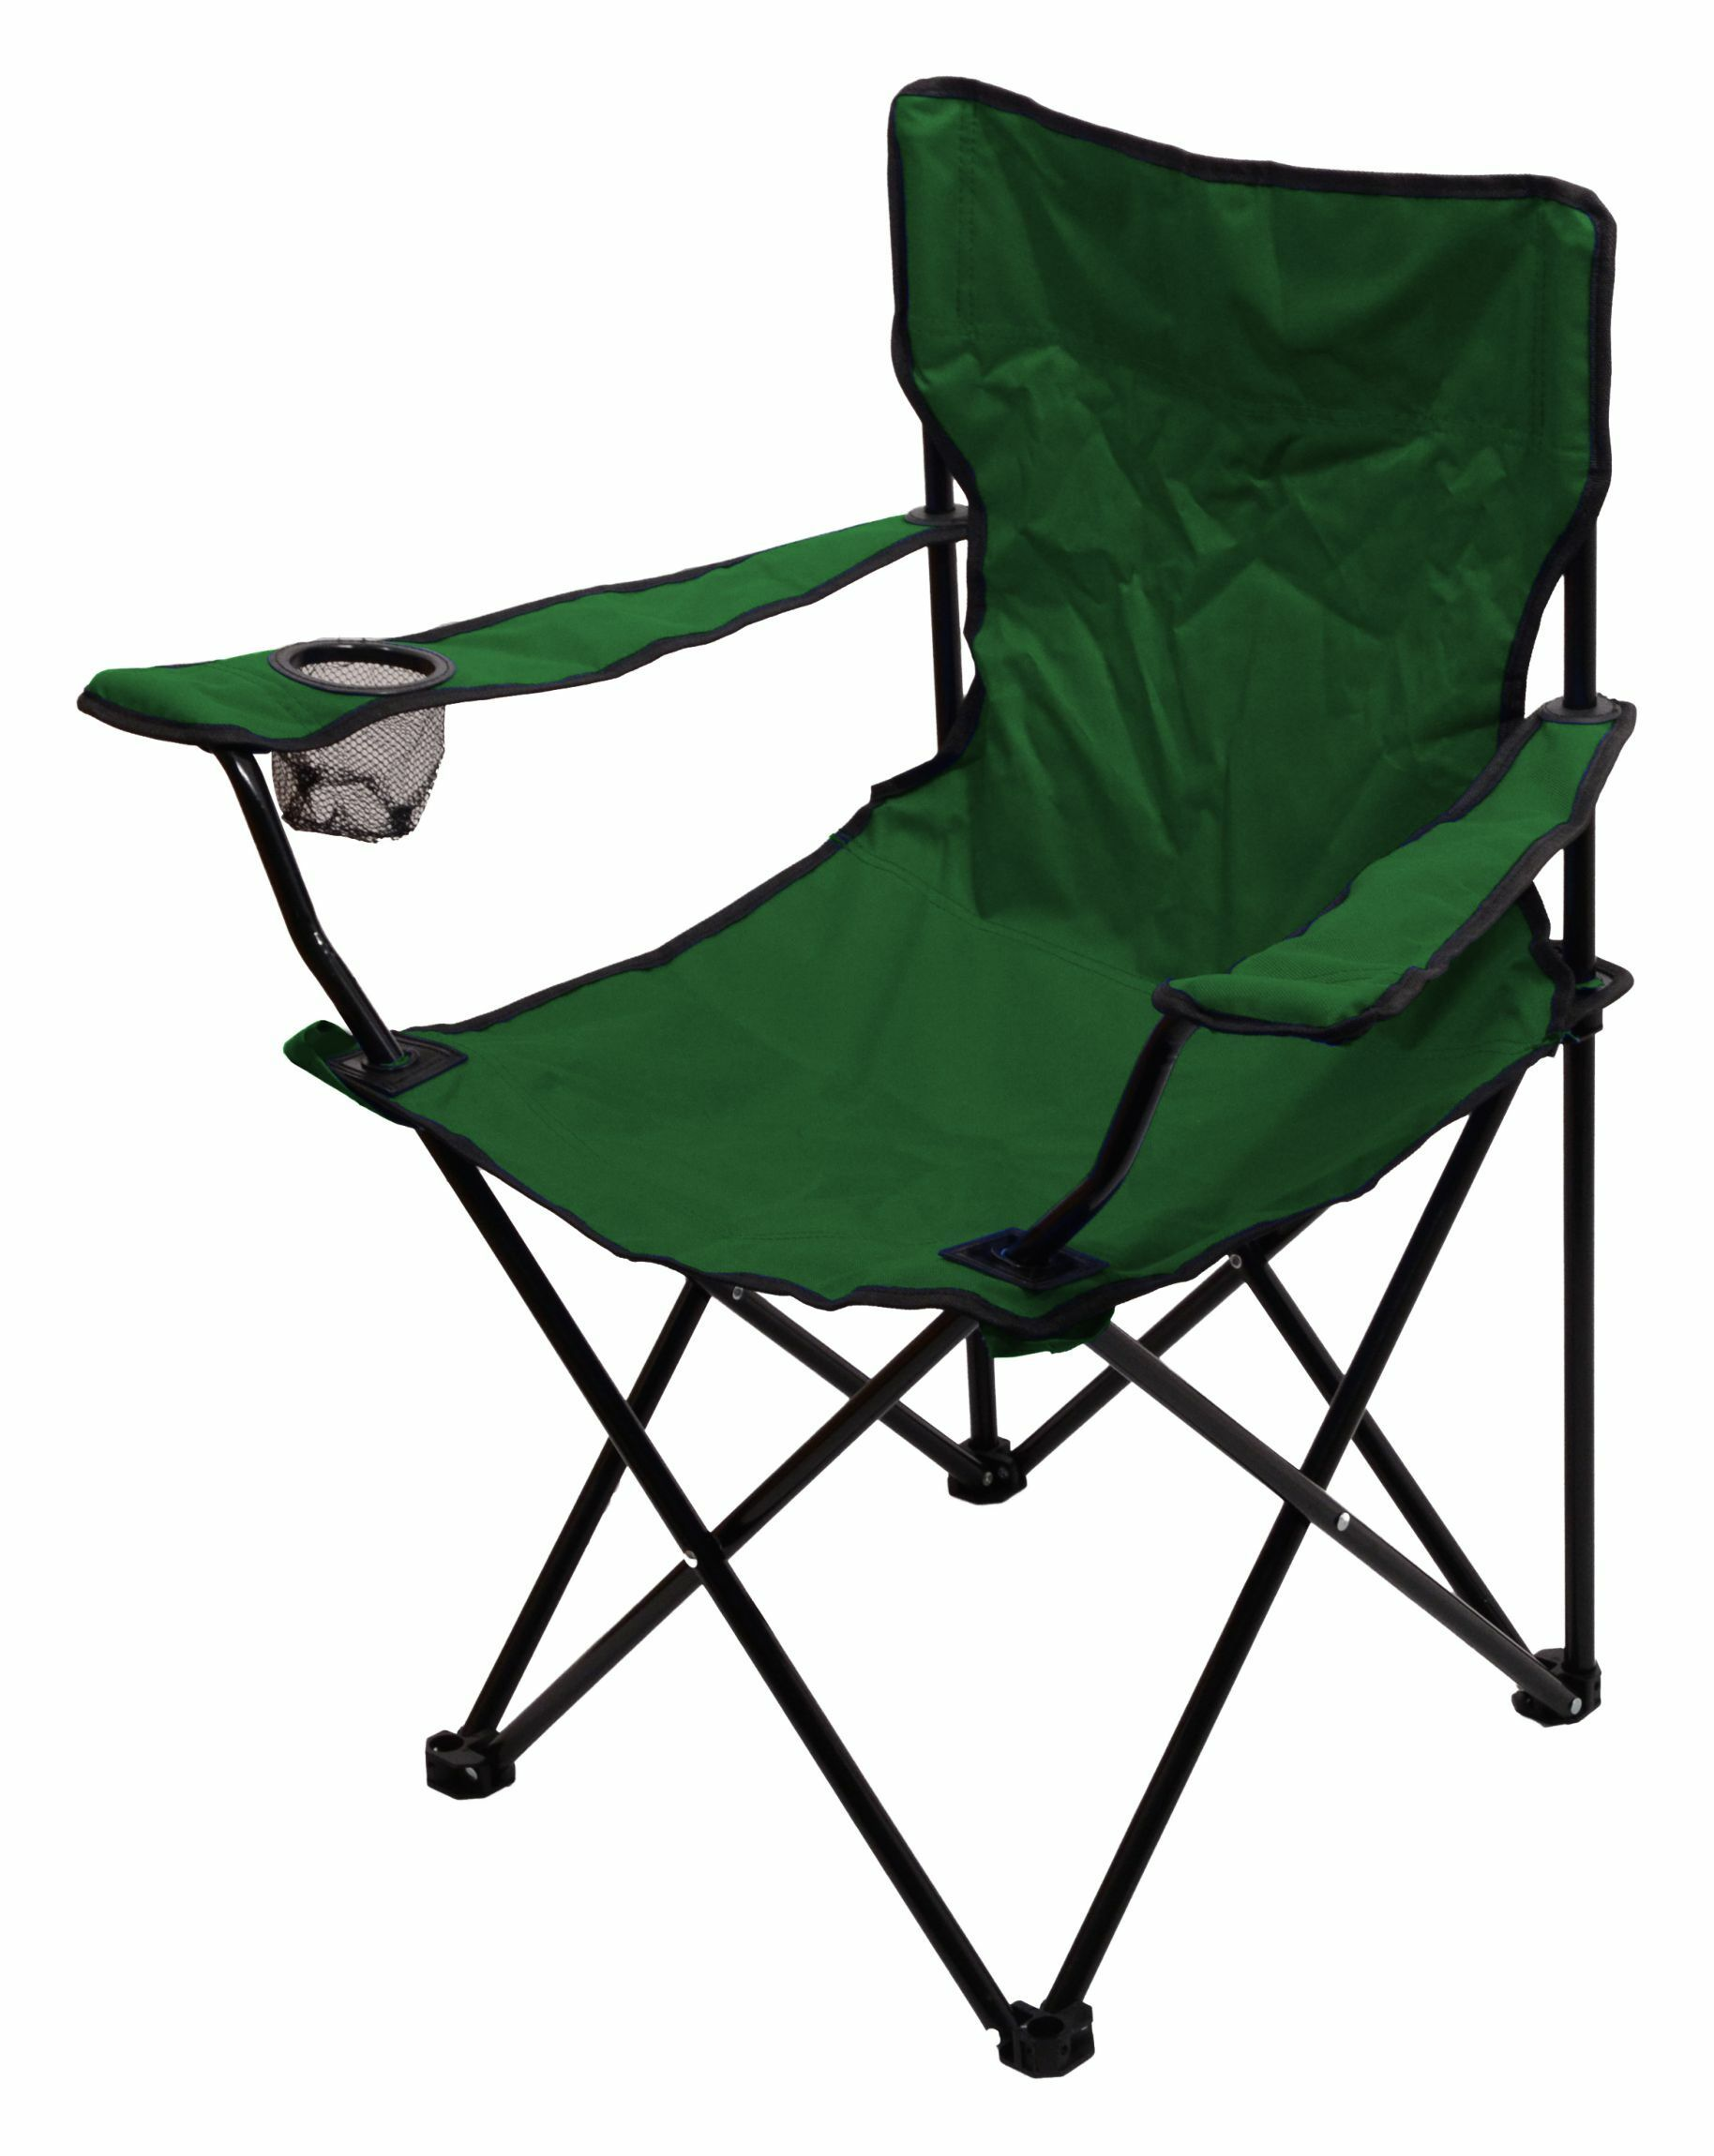 Židle kempingová skládací BARI zelená CATTARA